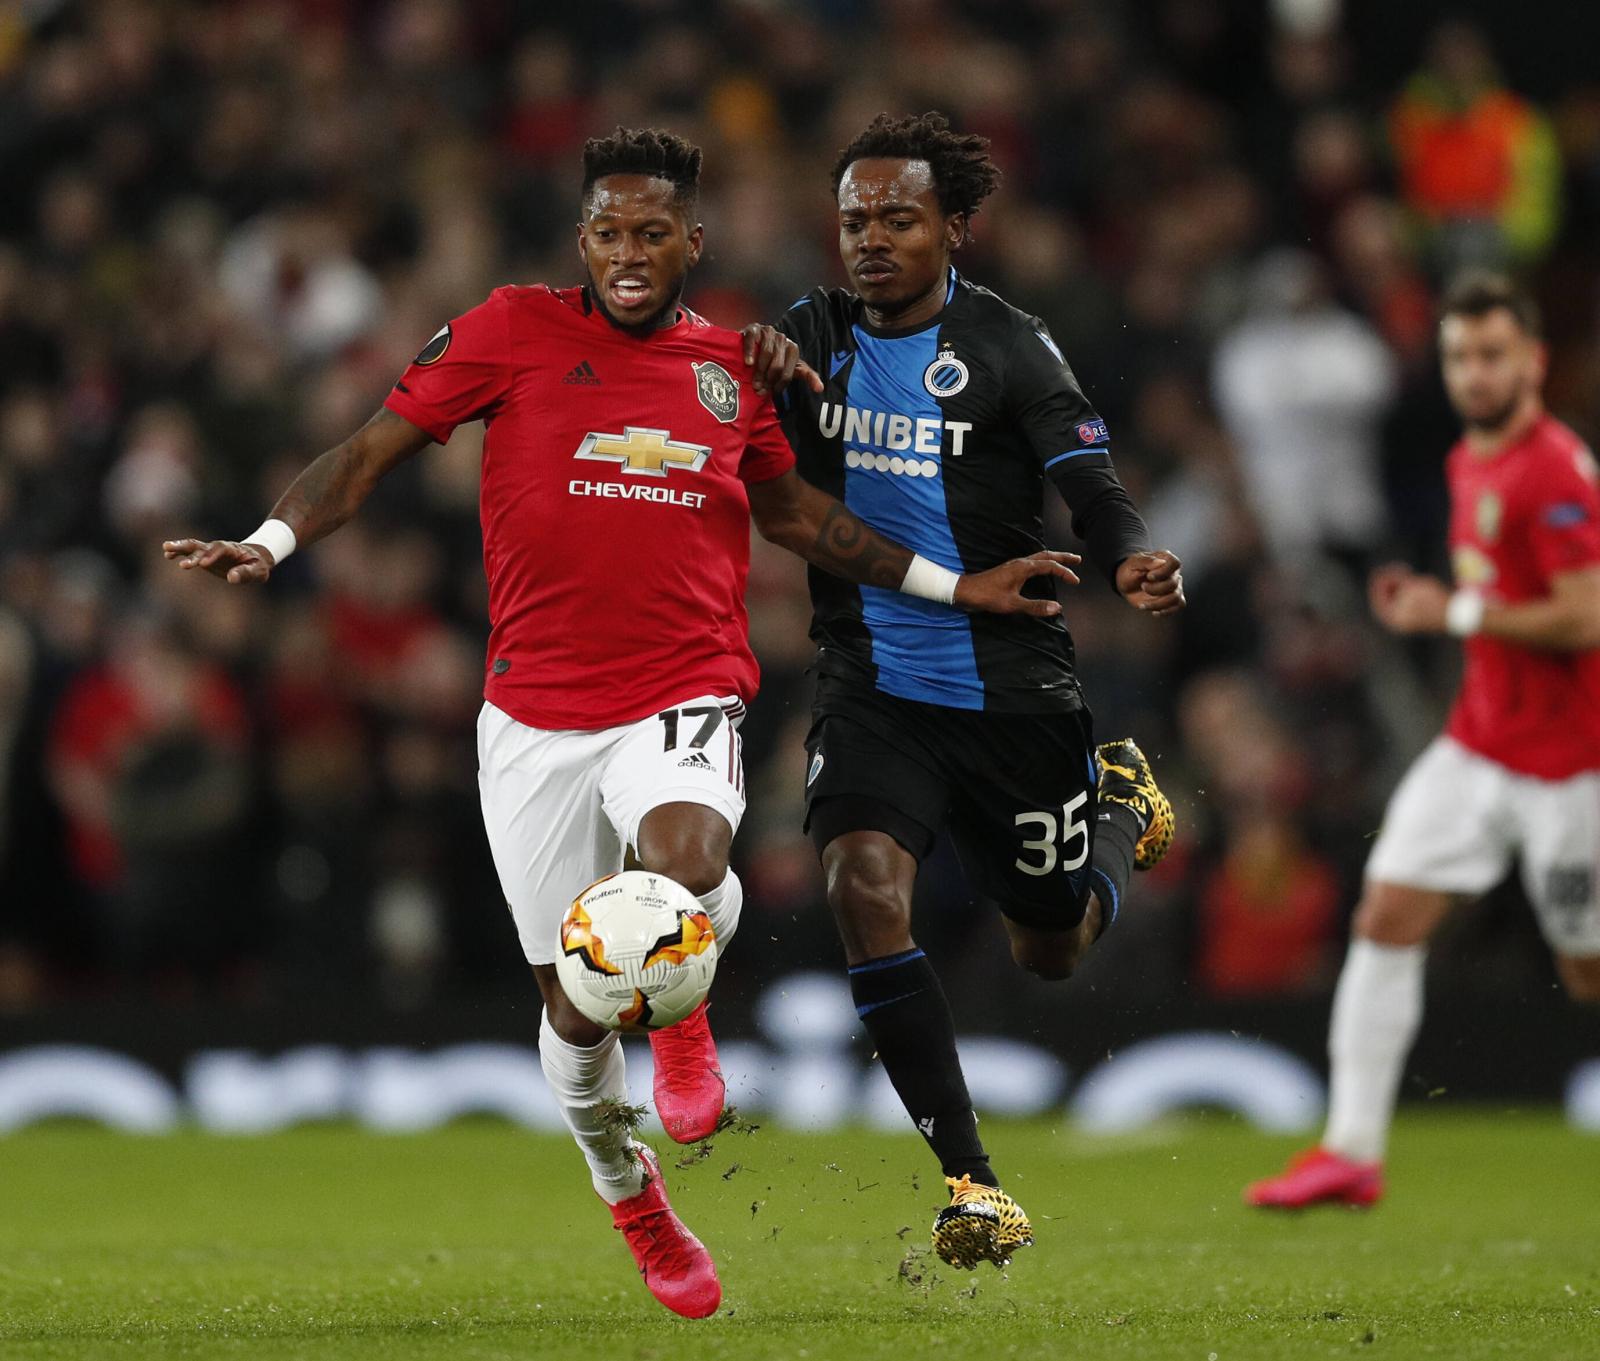 Астон Вилла — Манчестер Юнайтед: прогноз на матч 34-го тура чемпионата Англии